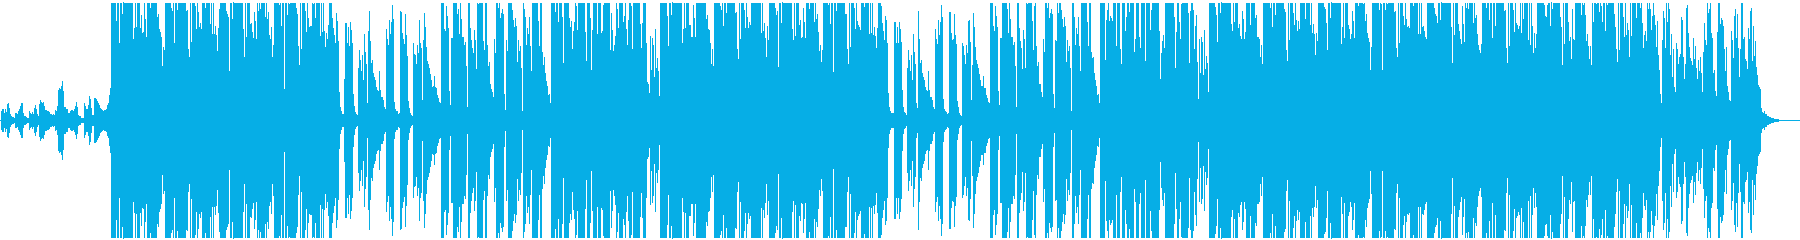 ワイルドで切ないBGMの再生済みの波形